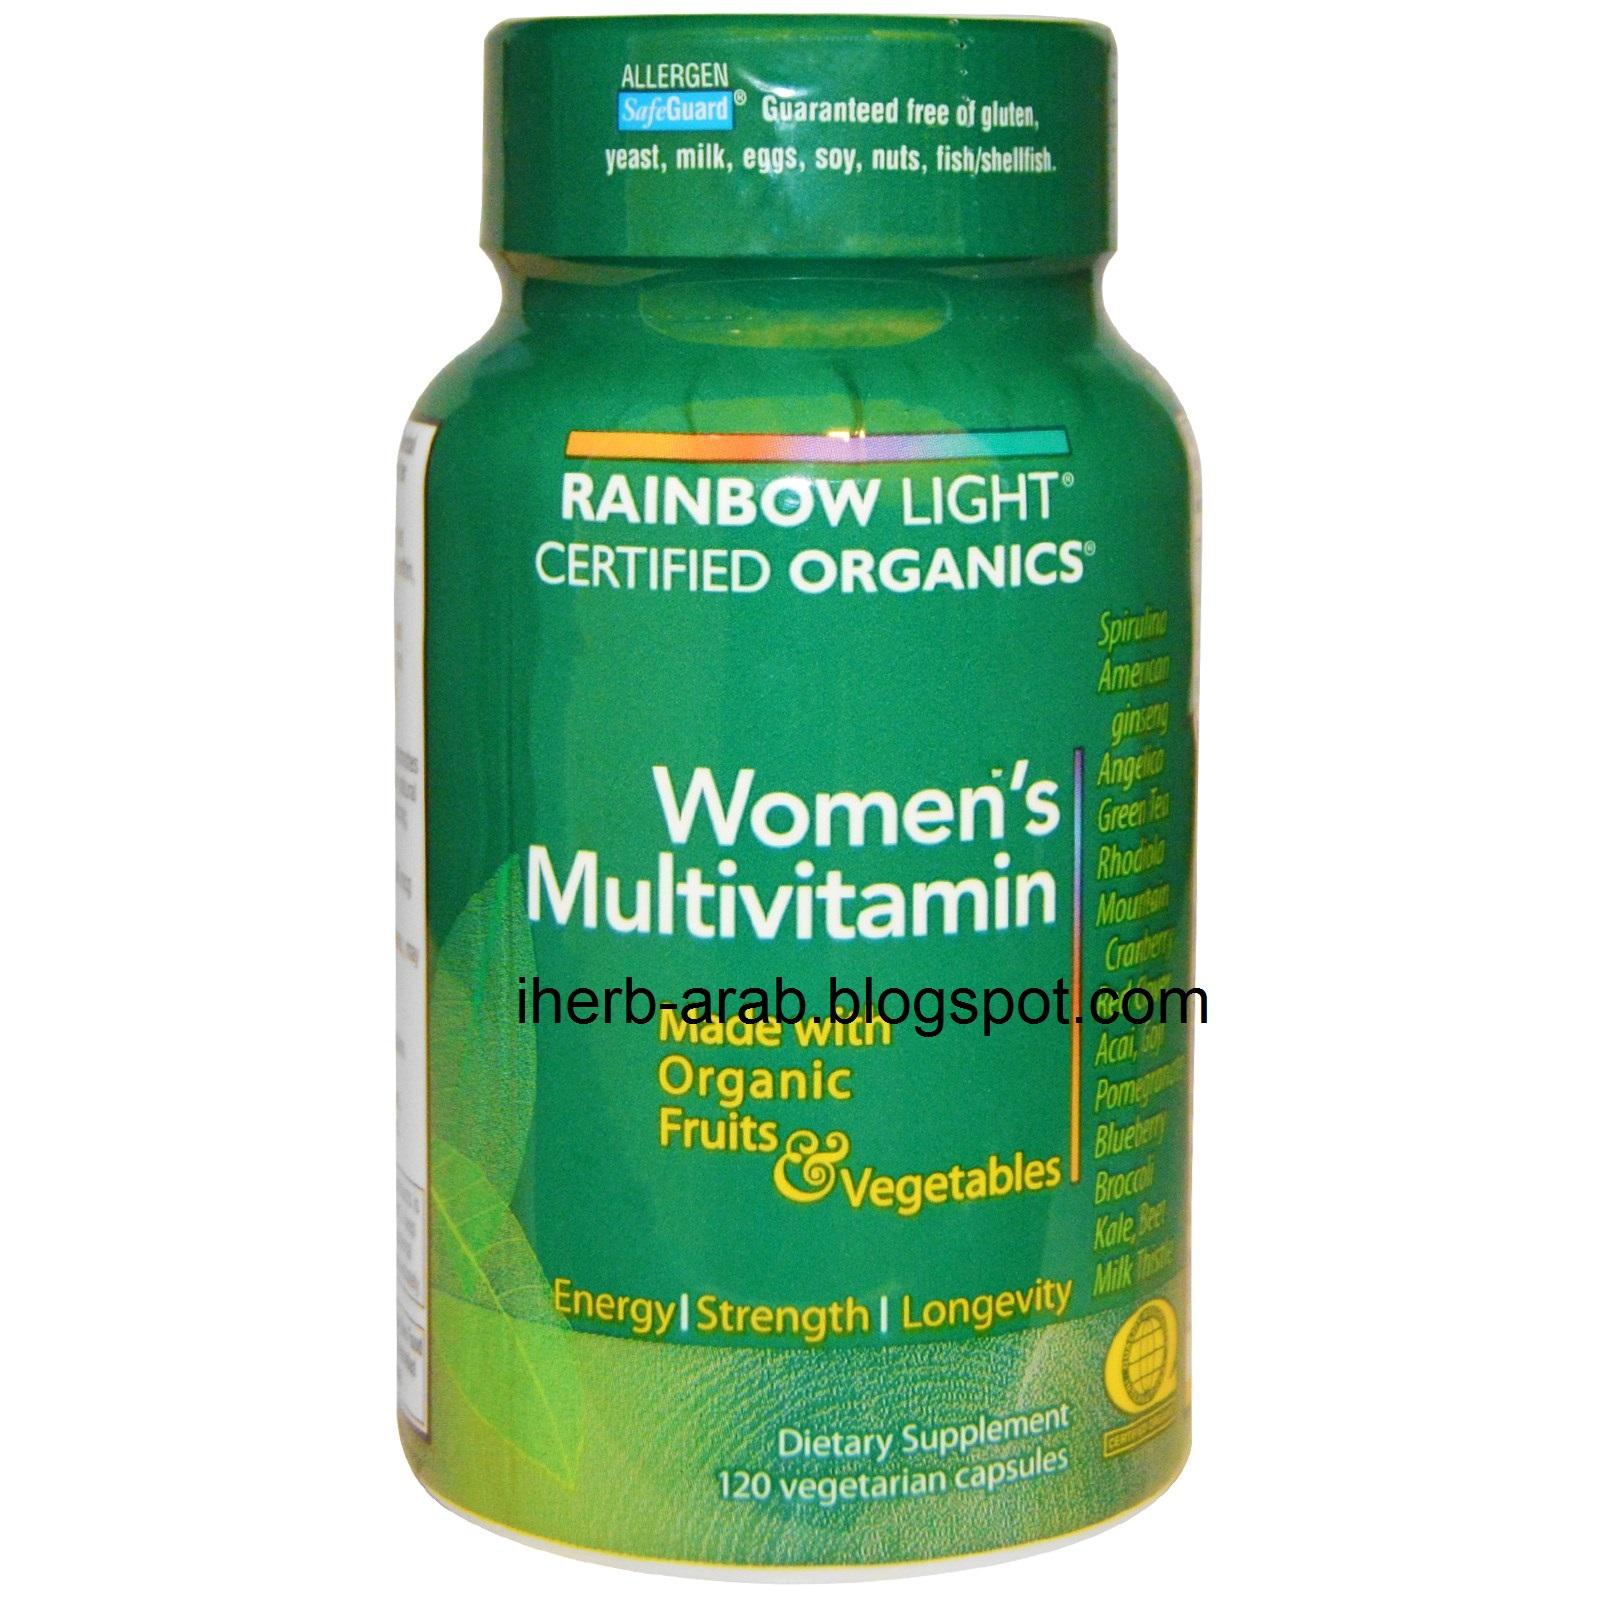 بالصور افضل حبوب فيتامينات للجسم , الفيتامينات الضرورية لاجسامنا 5216 2